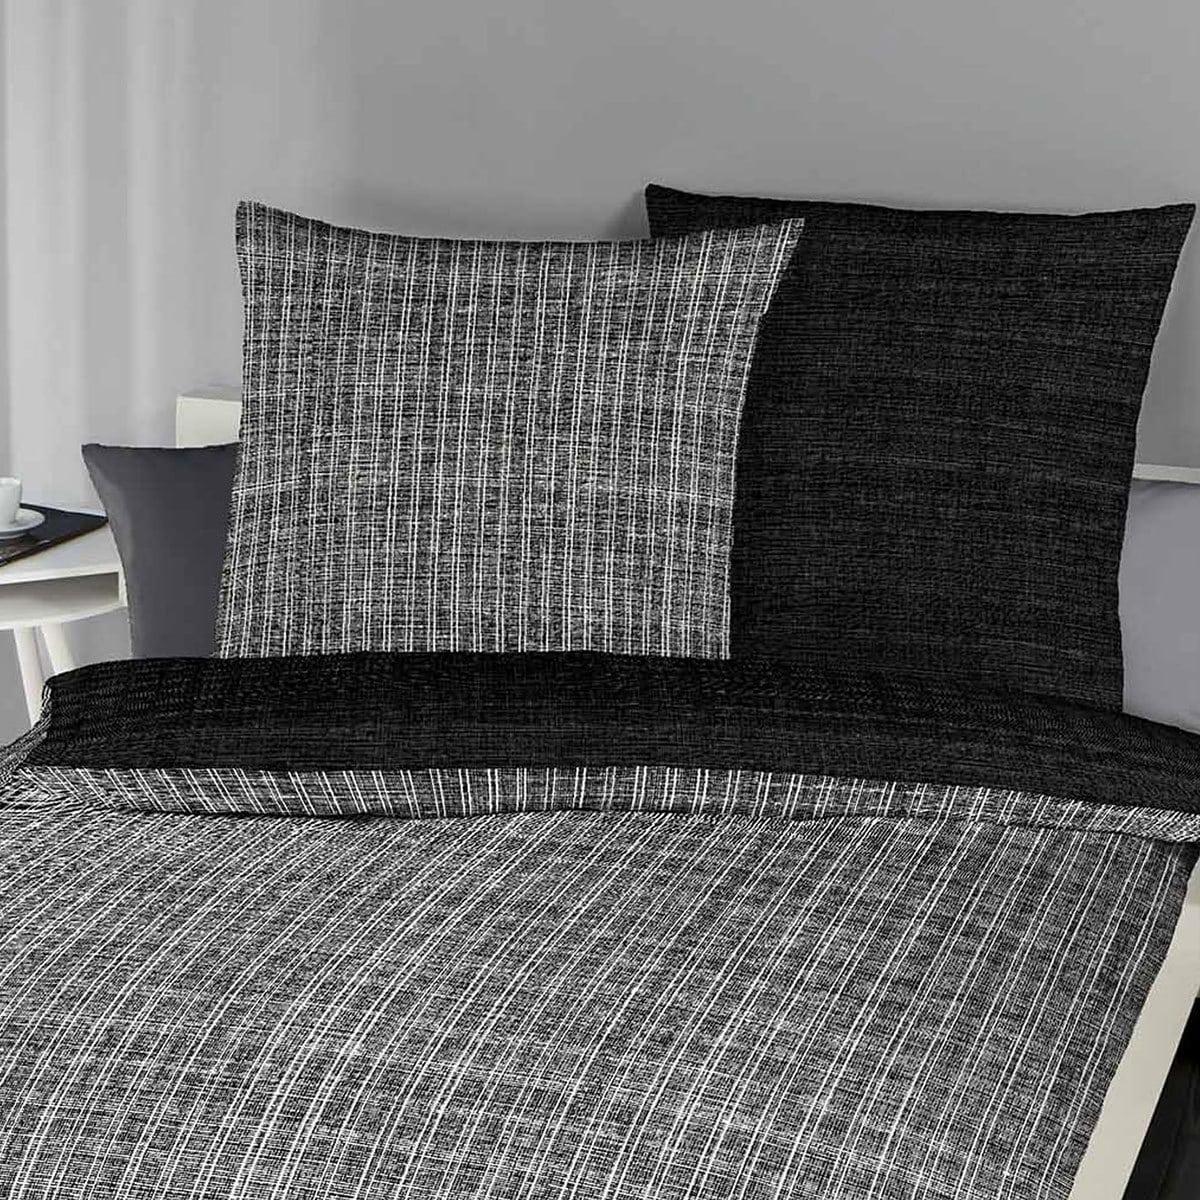 bettwarenshop mako satin bettw sche eternity combo schwarz g nstig online kaufen bei bettwaren shop. Black Bedroom Furniture Sets. Home Design Ideas